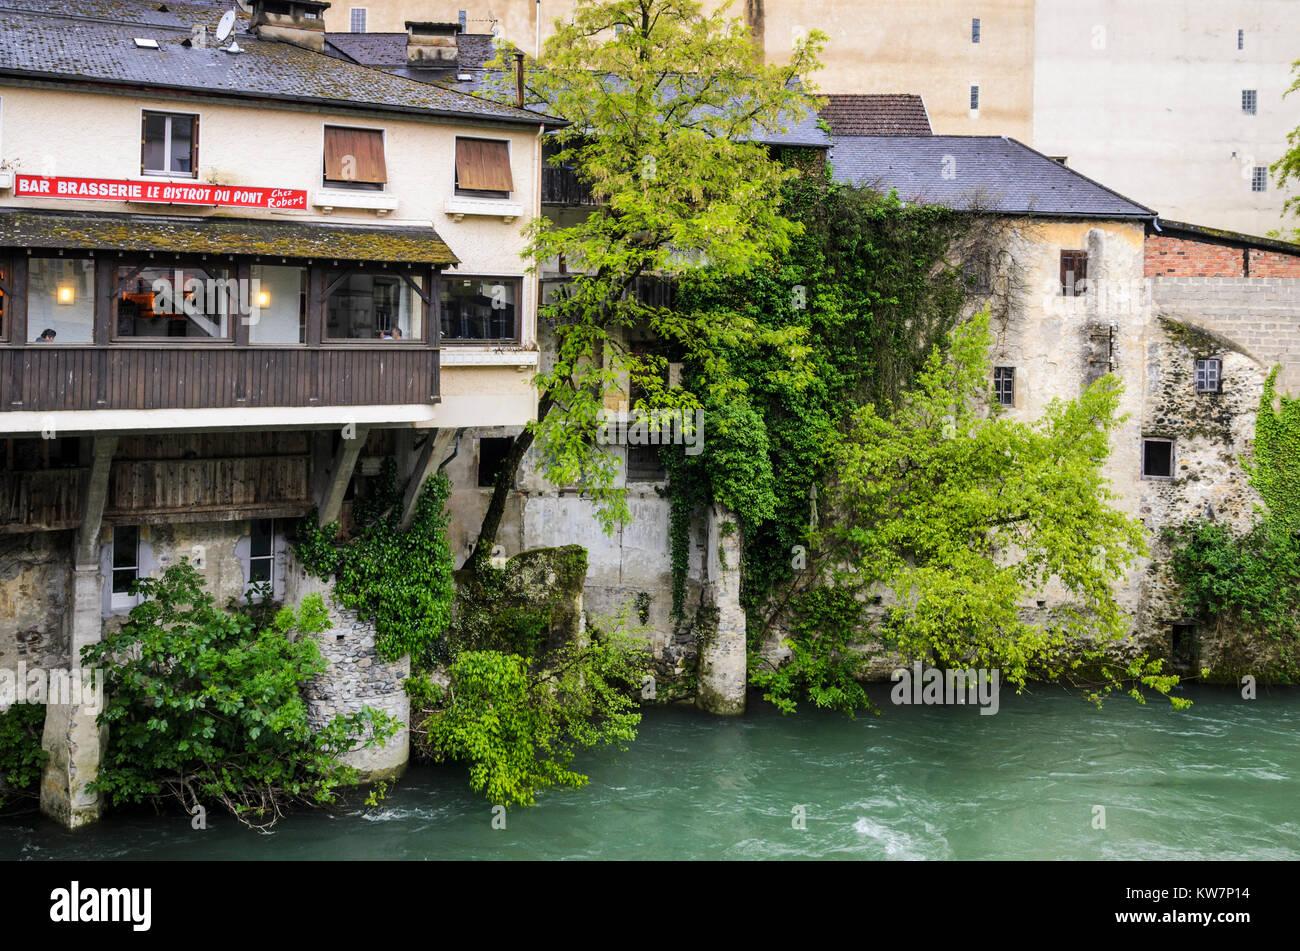 Riverside Brasserie e di case lungo il fiume Gave d' Aspe, Oloron-Sainte-Marie, Pyrenees-Atlantiques, Nouvelle Immagini Stock